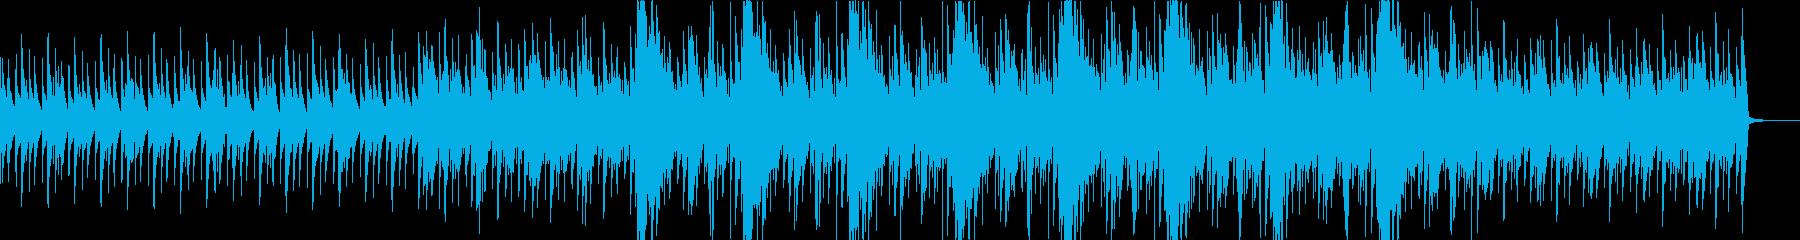 ノイズが印象的/シリアス/ピアノ曲の再生済みの波形